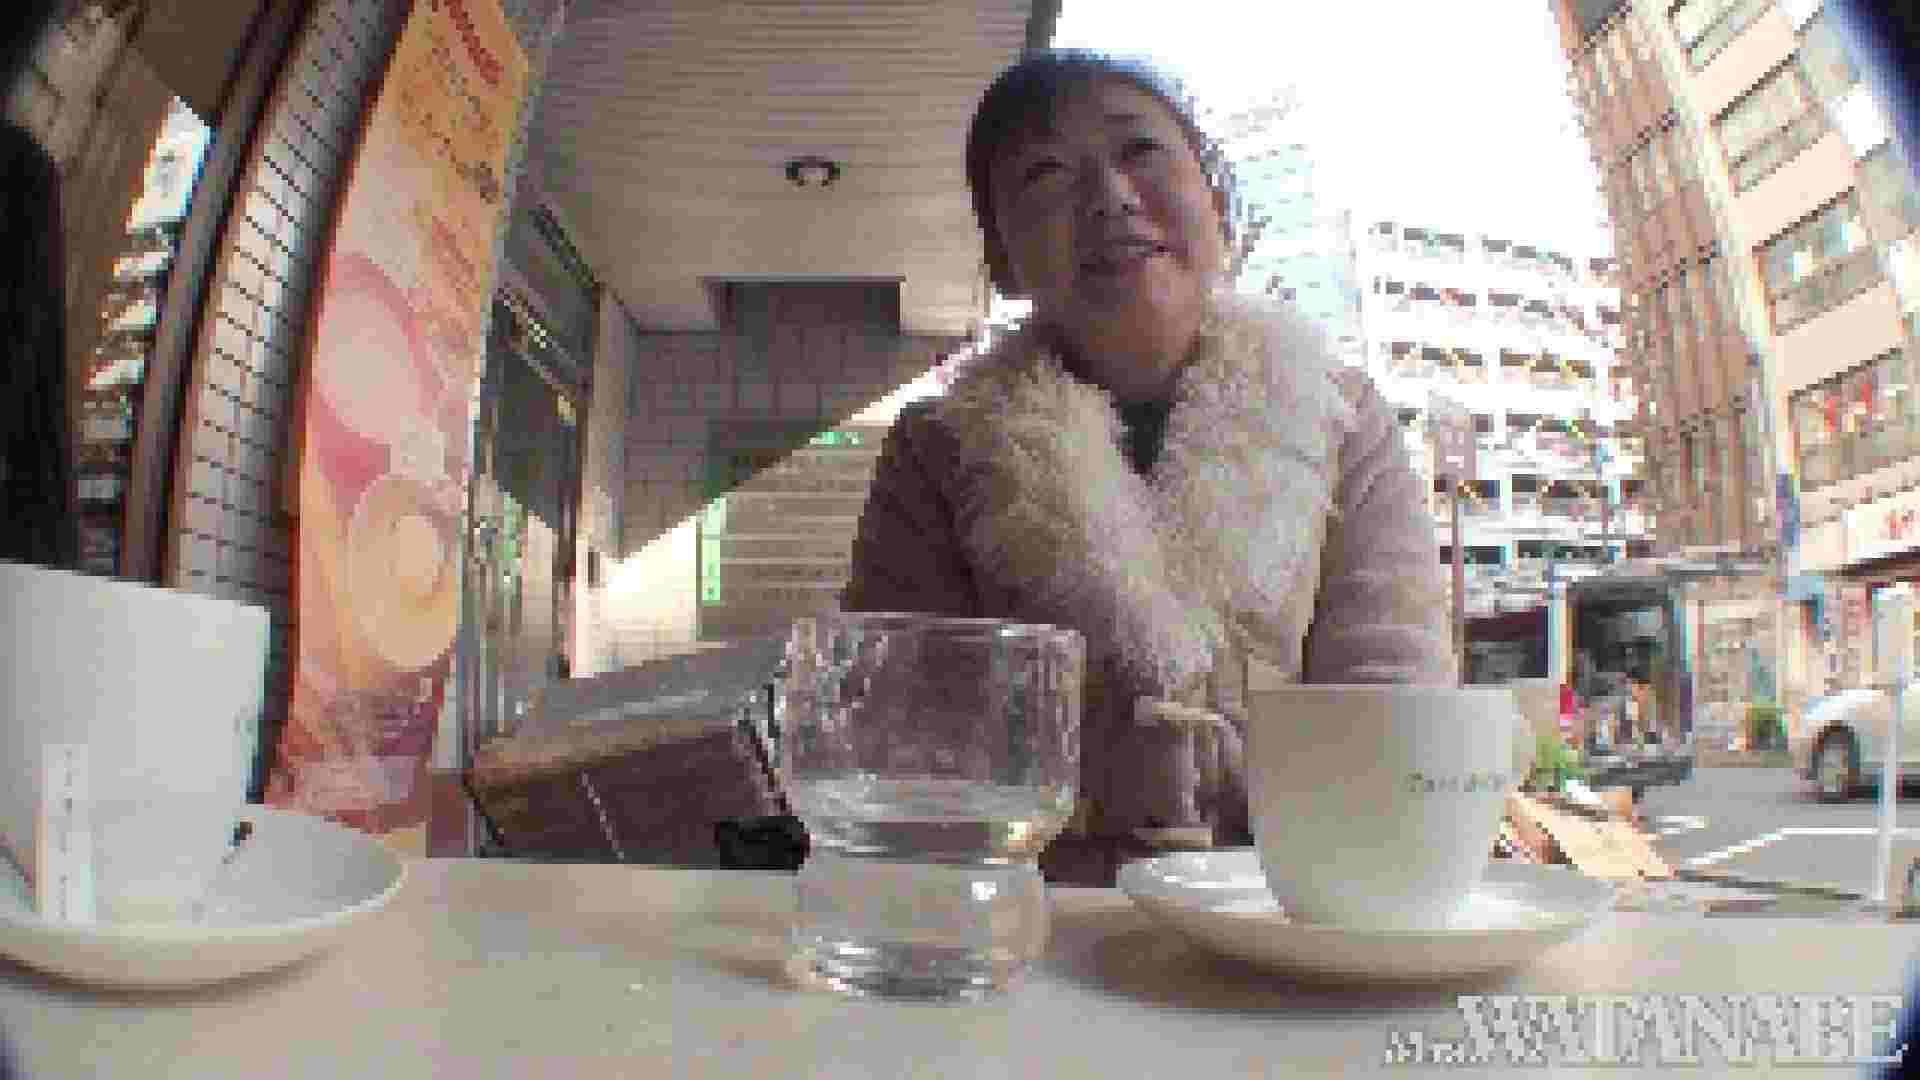 撮影スタッフを誘惑する痴熟女 かおり40歳 Vol.01 素人 オマンコ動画キャプチャ 82pic 43